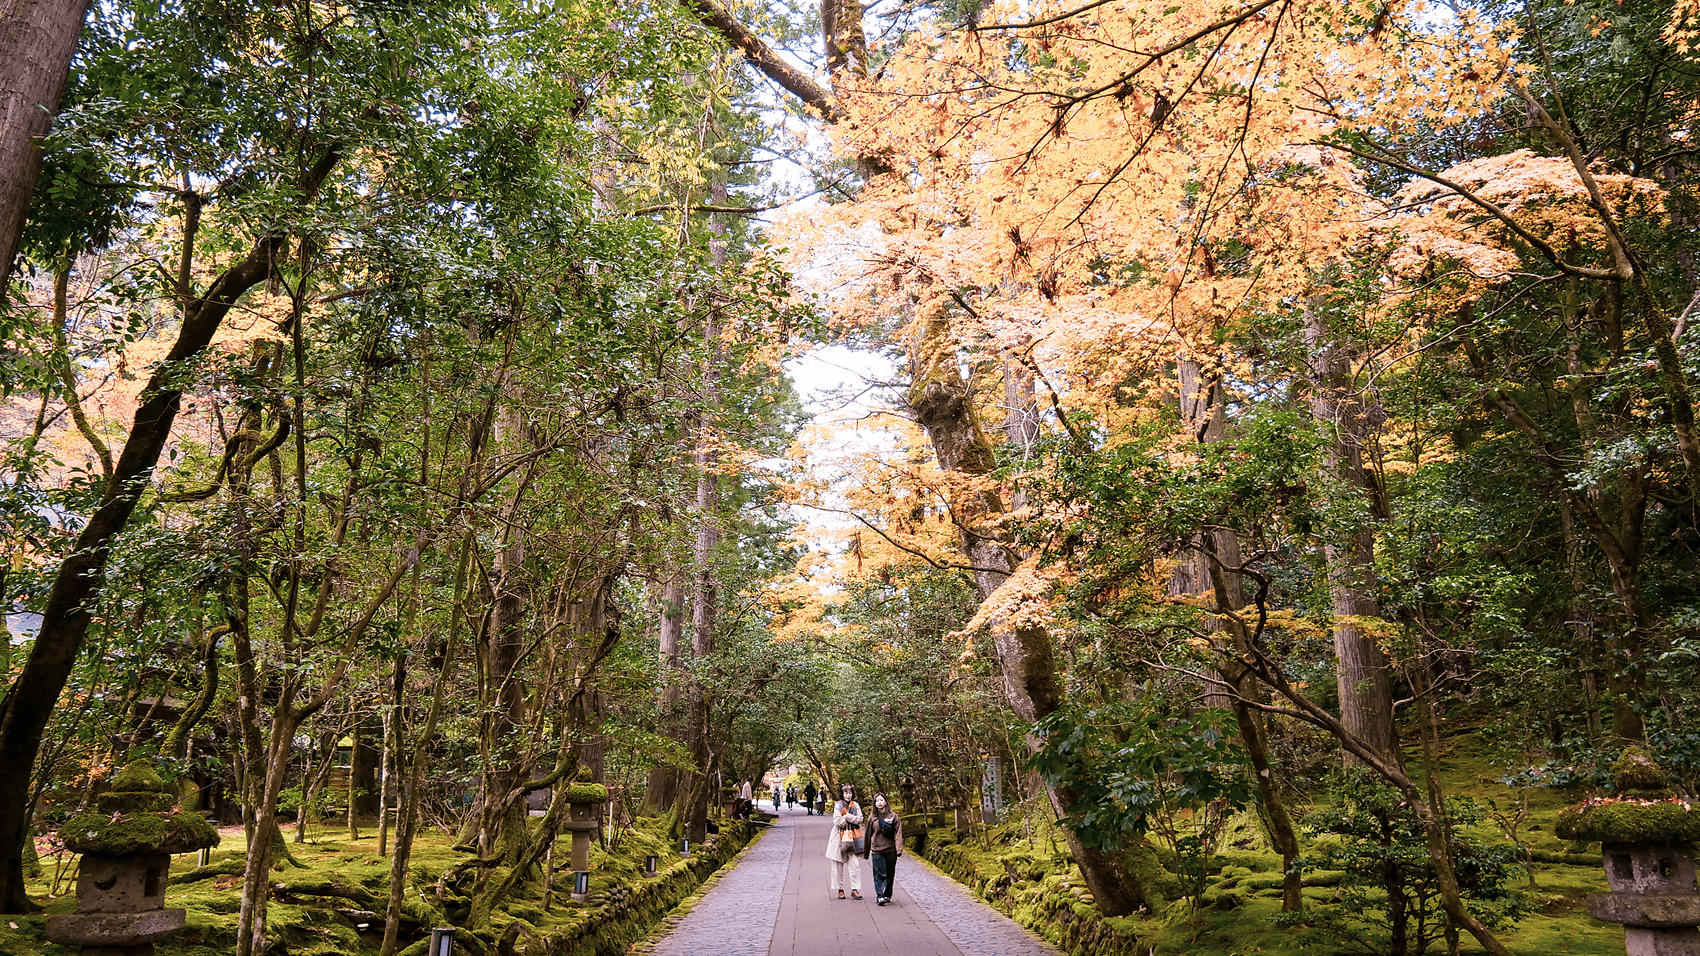 那谷寺内の森林